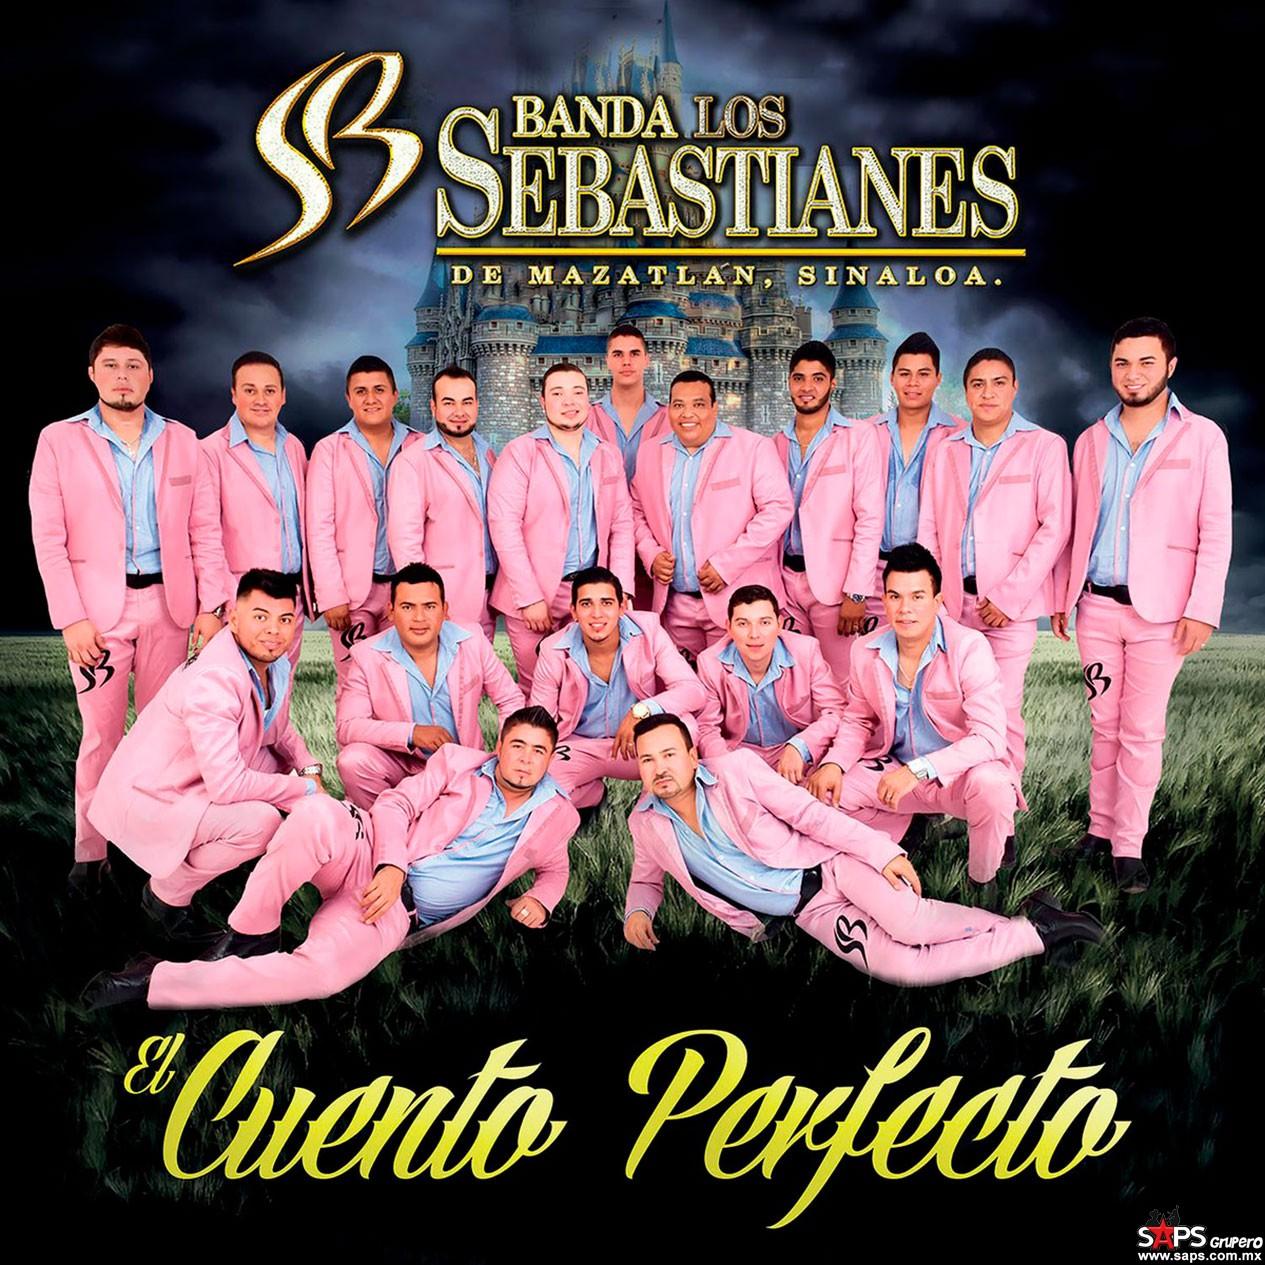 Banda Los Sebastianes - El Cuento Perfecto